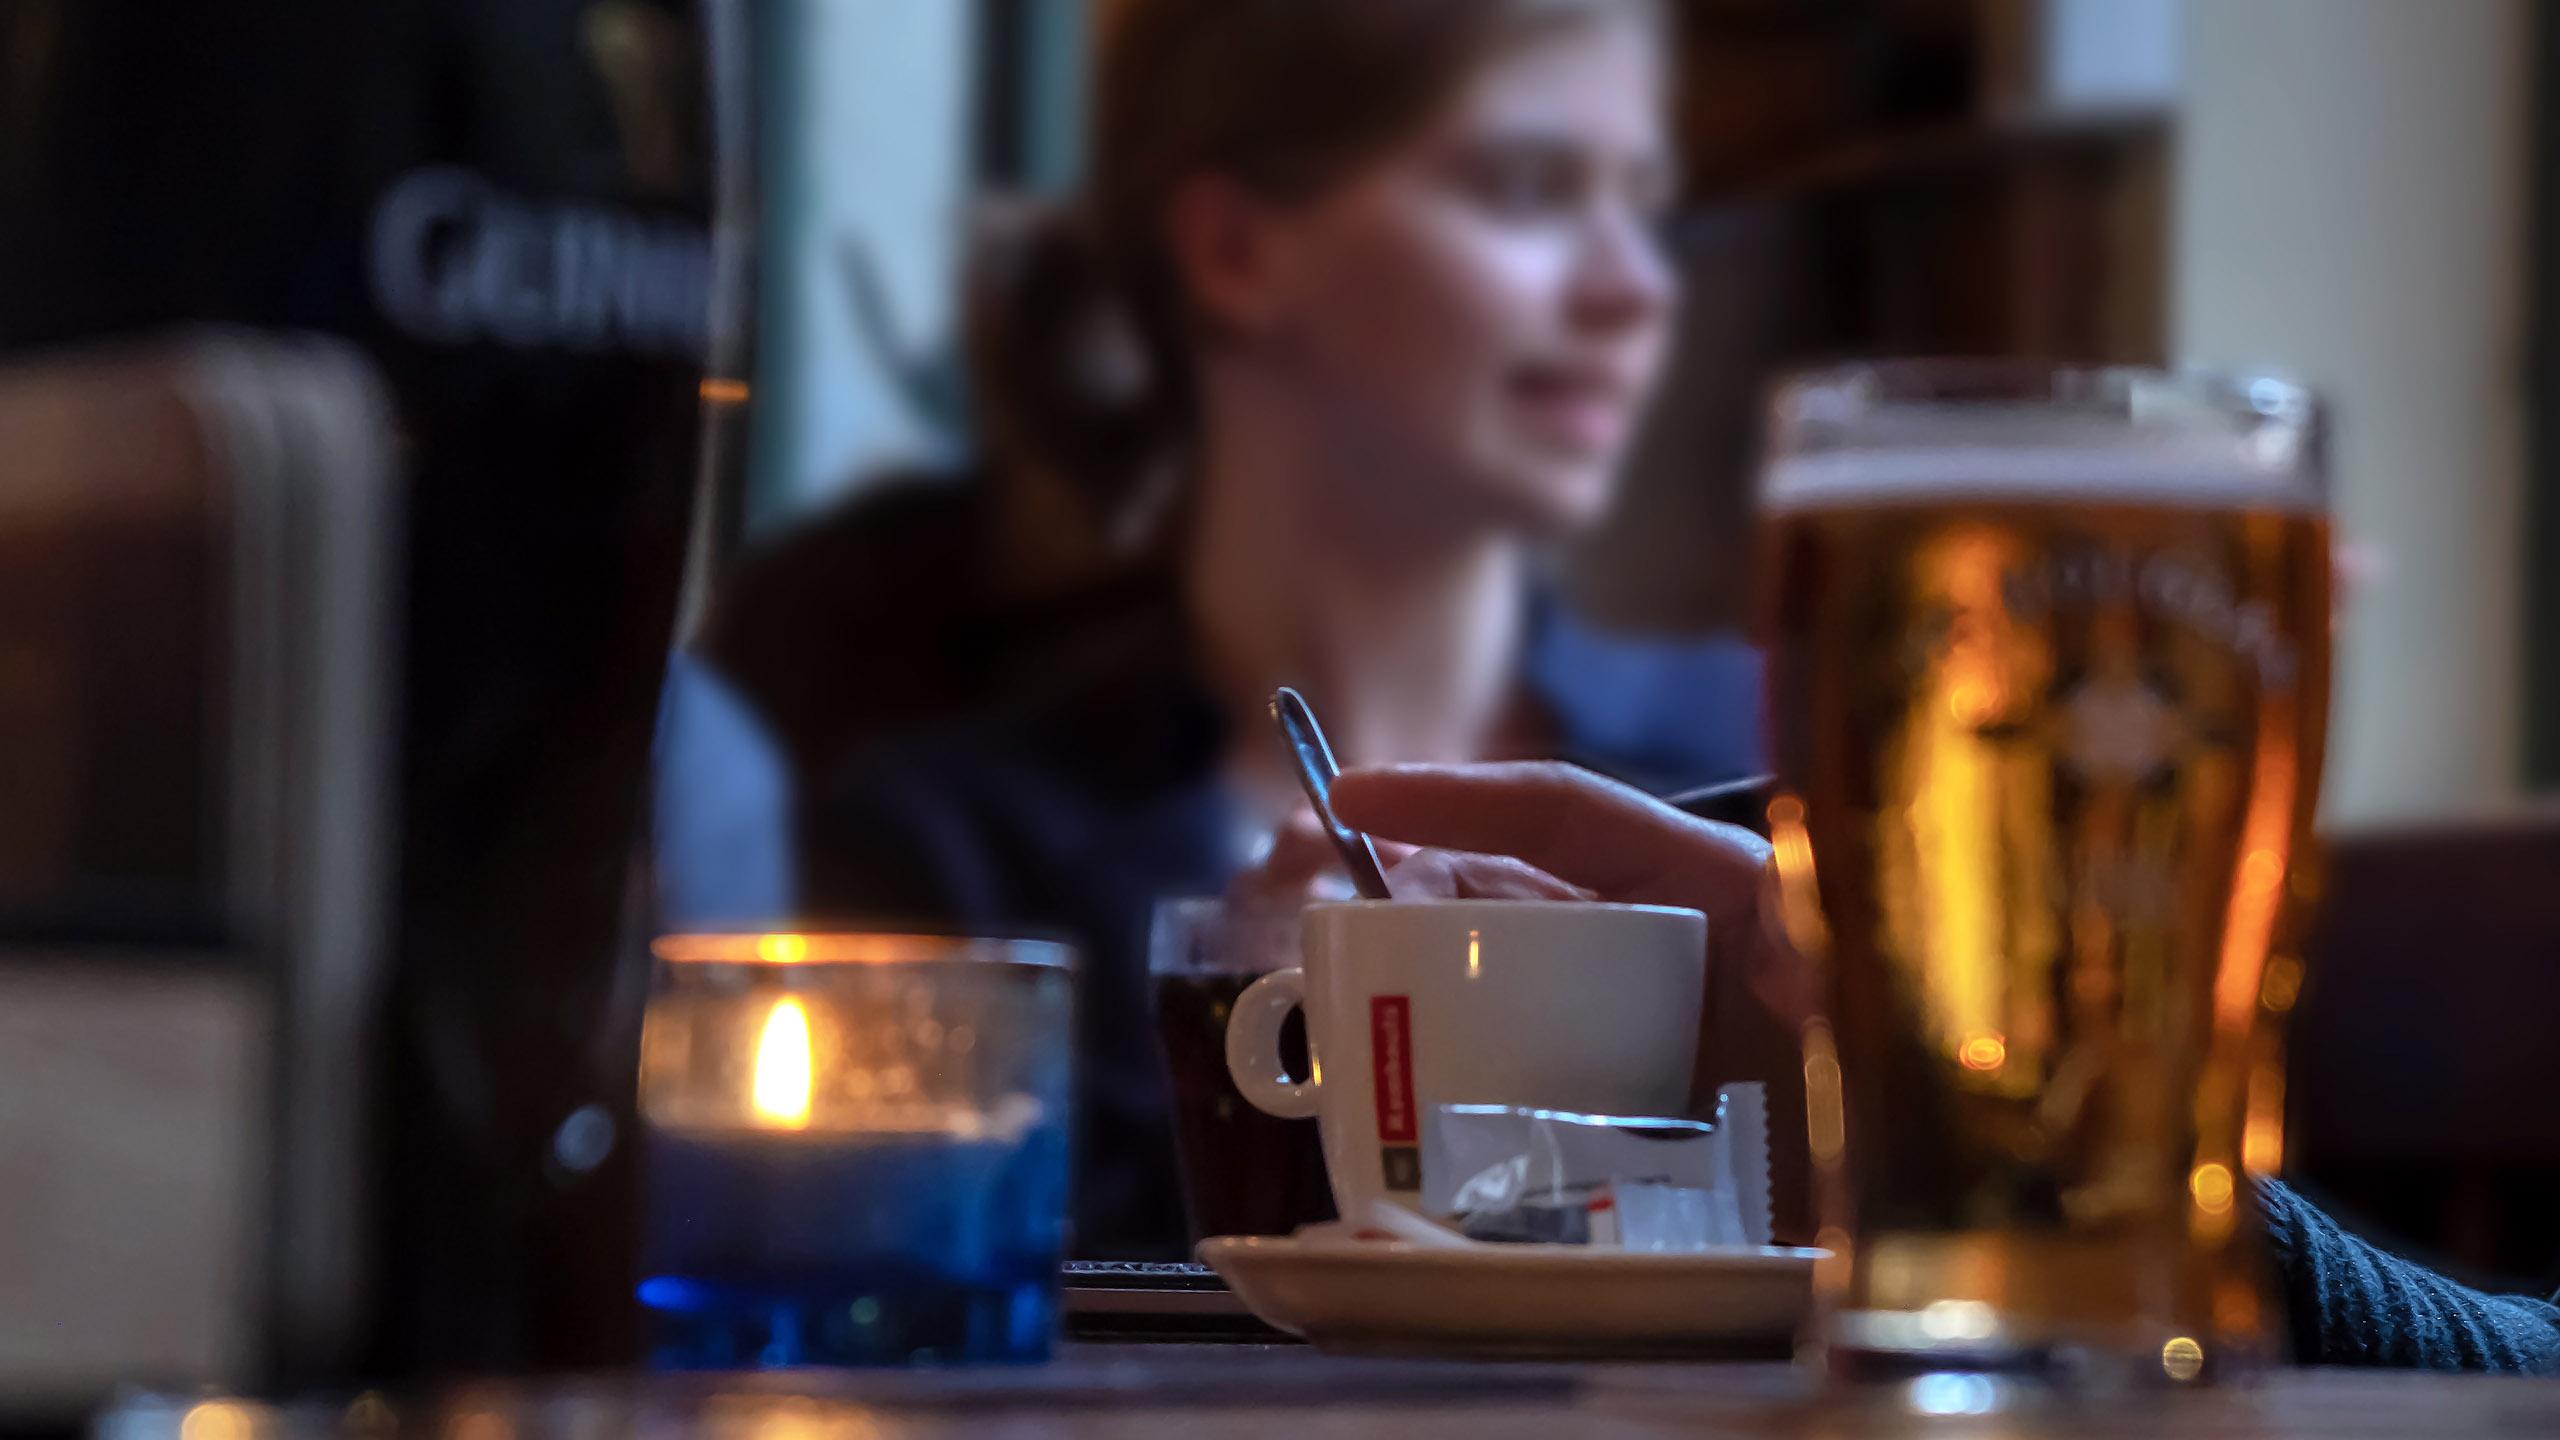 cerveza, mujer tomando cerveza